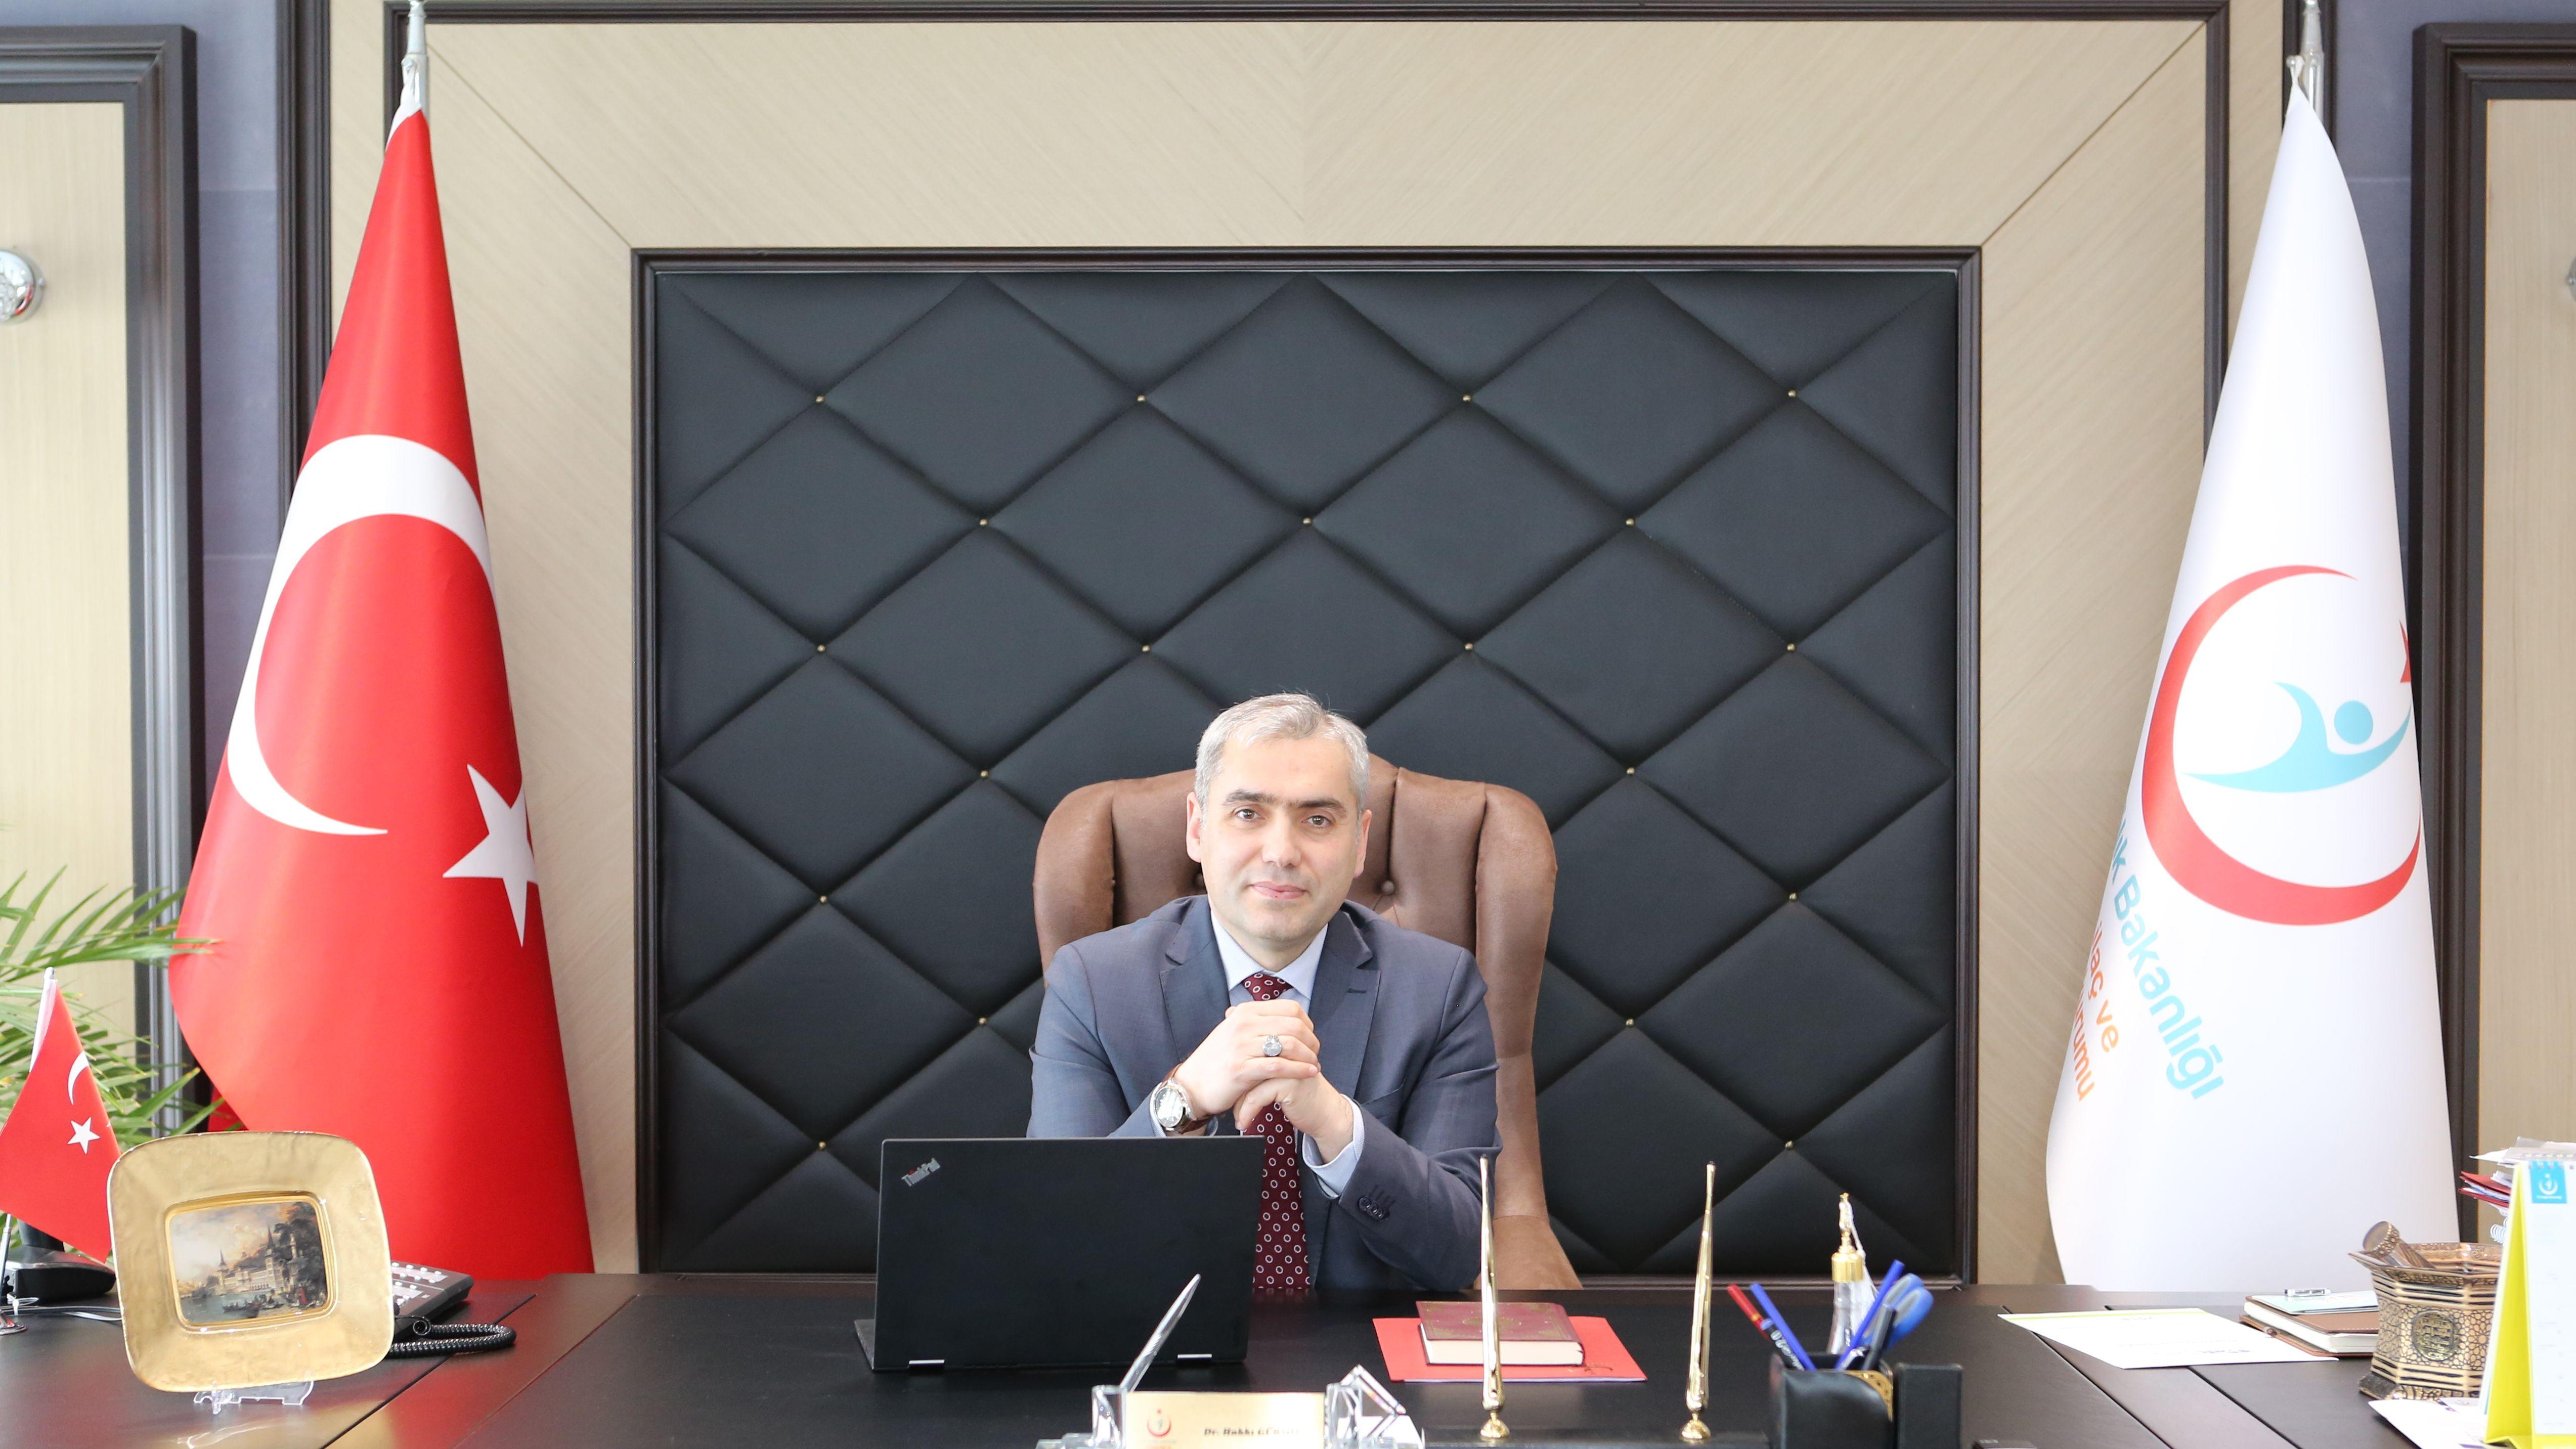 TİTCK BAŞKANI DR. HAKKI GÜRSÖZ'ÜN 1 MAYIS EMEK VE DAYANIŞMA GÜNÜ MESAJI